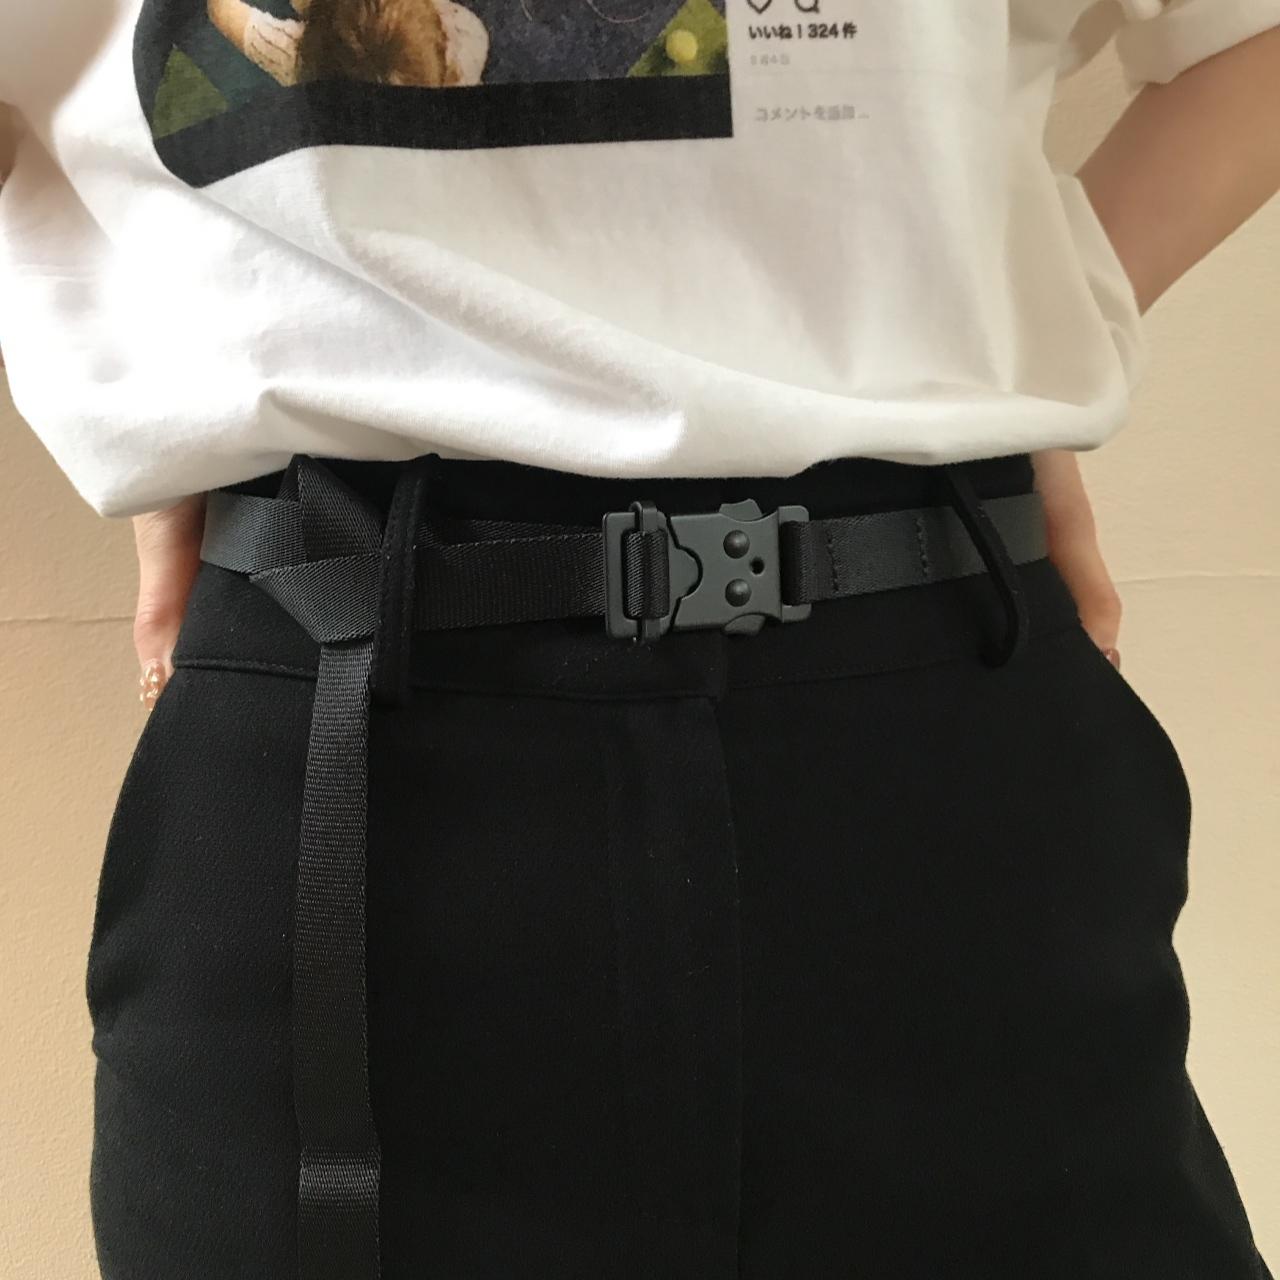 hobo - Nylon Tape Belt With  Iron Buckle